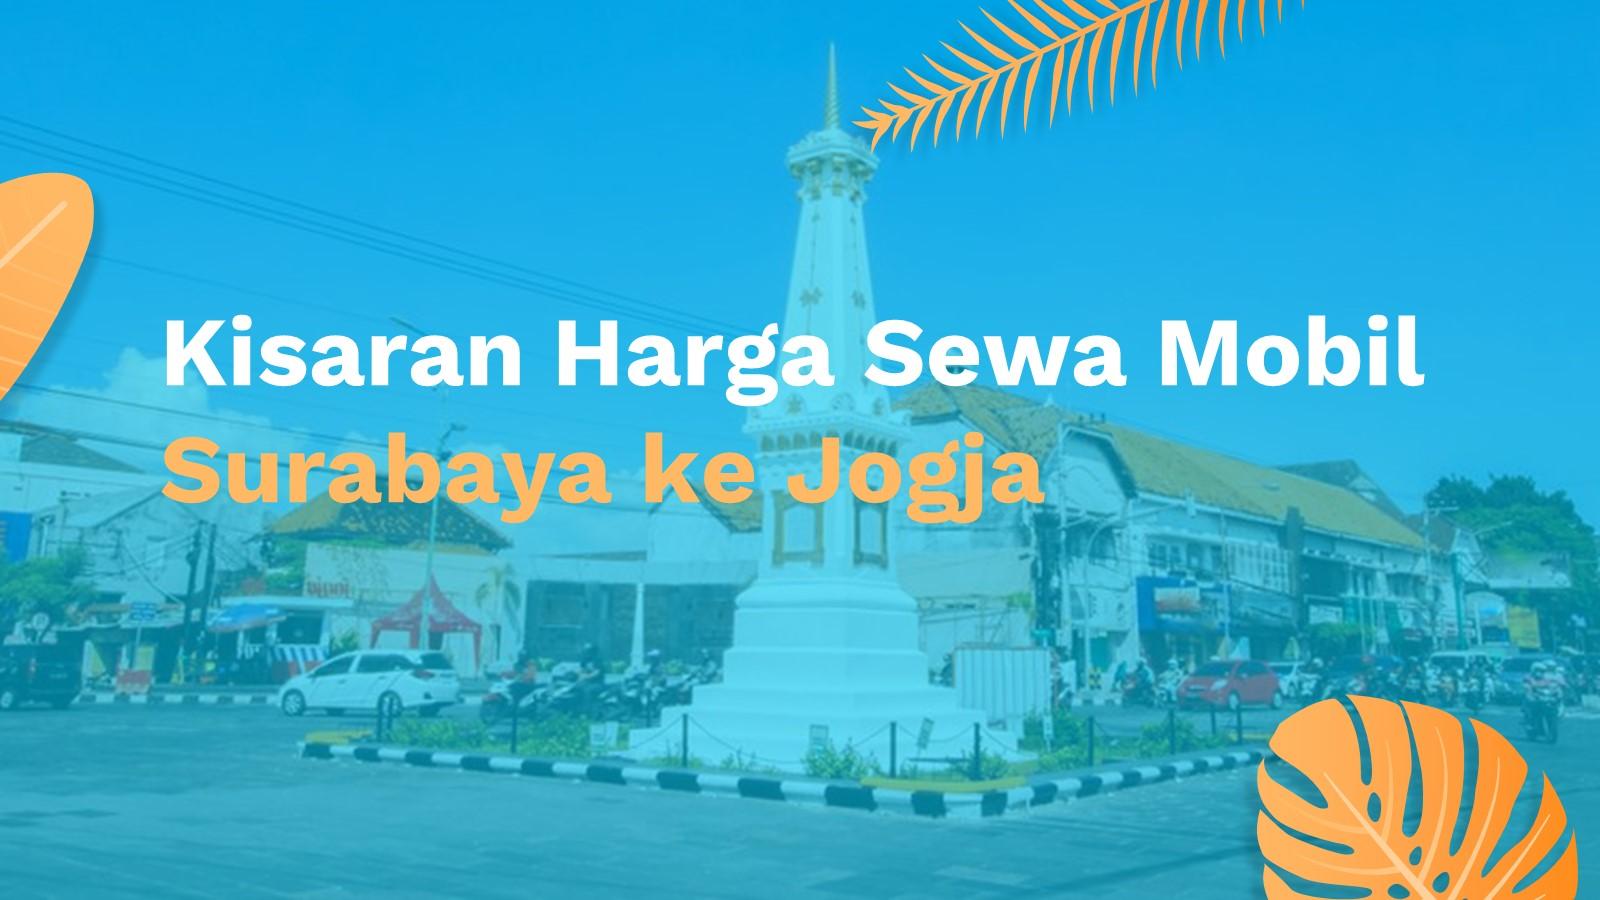 Kisaran Harga Sewa Mobil Surabaya ke Jogja